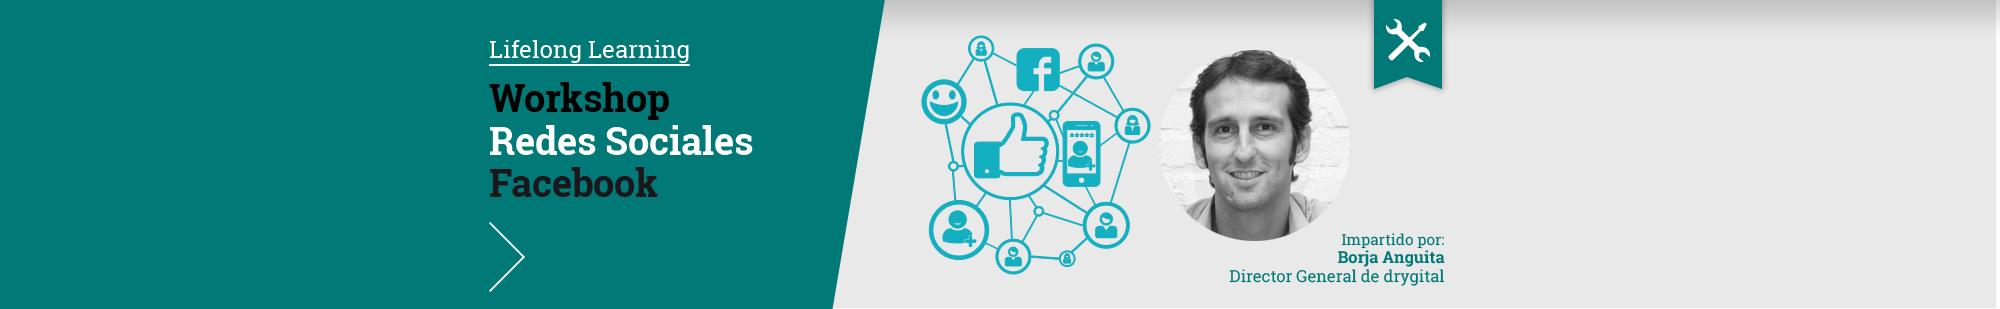 Workshop Facebook